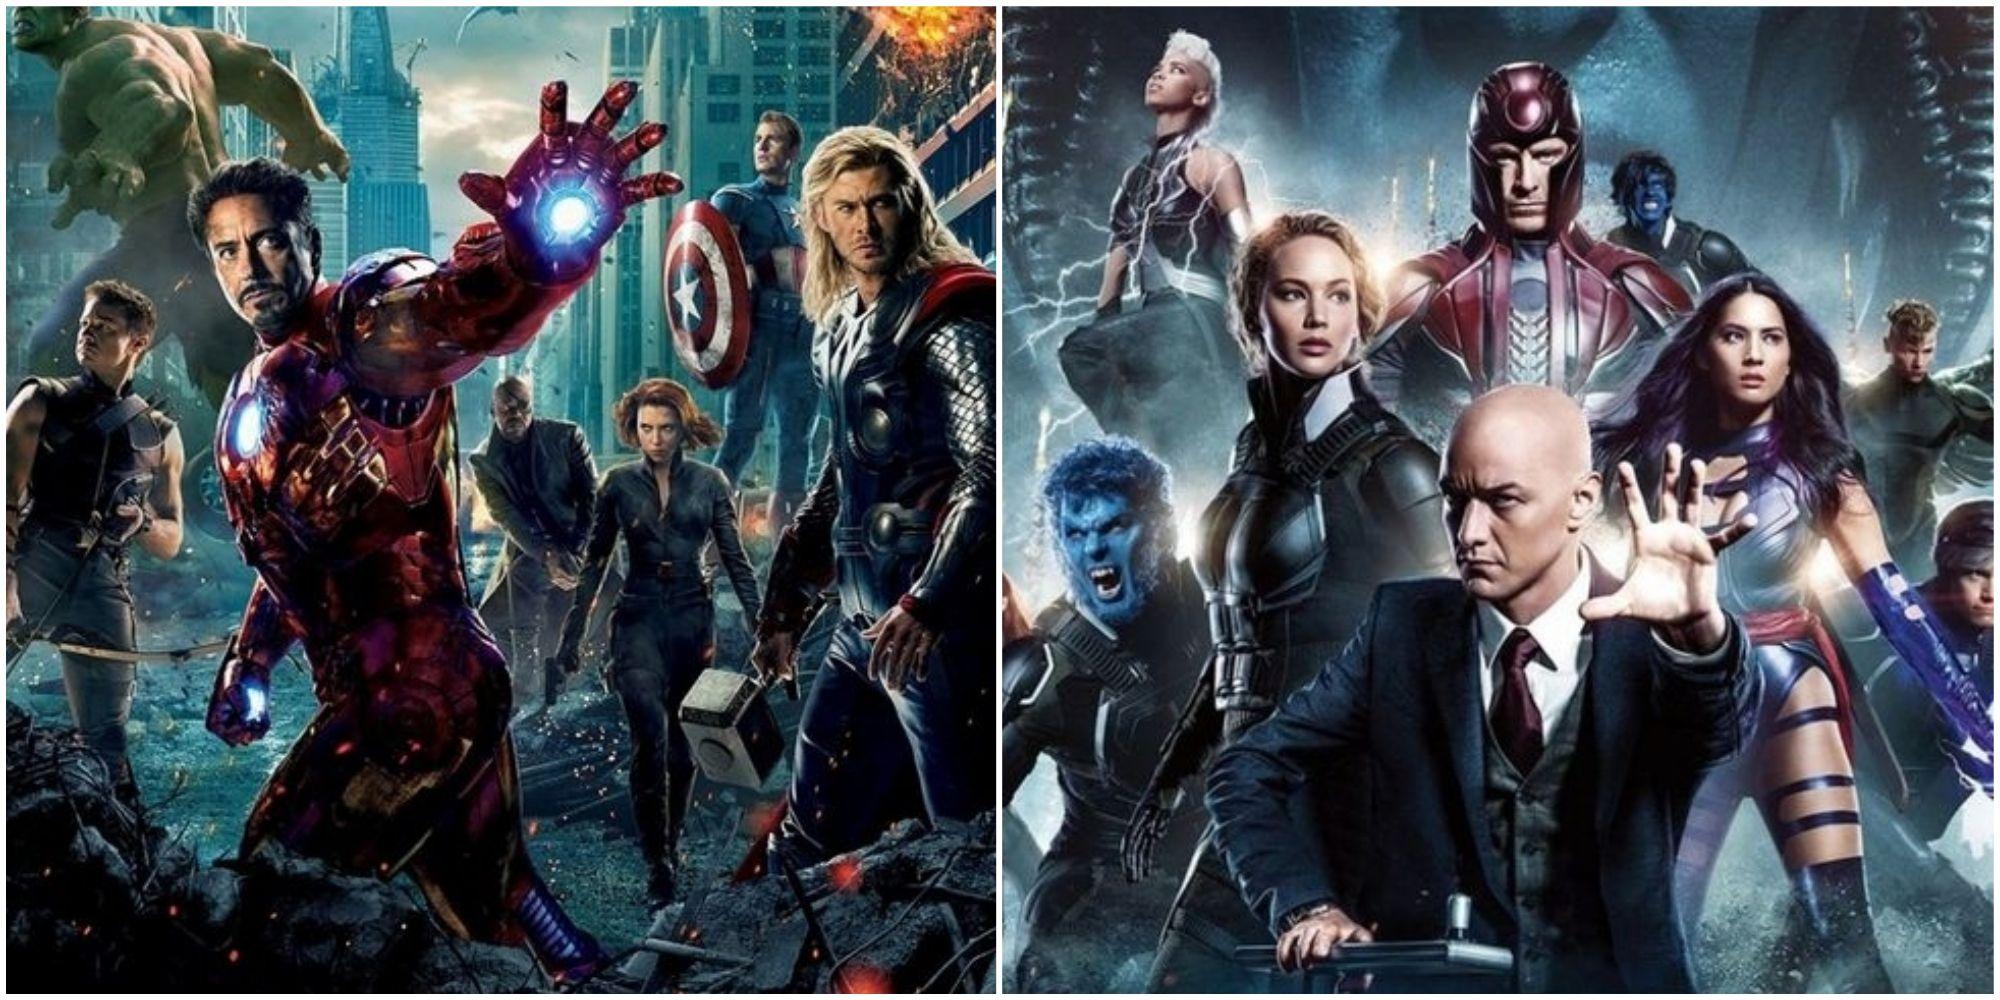 迪士尼收購20世紀福斯後「漫威宇宙的5大改變」!《死侍》加入復仇者,《X戰警》演員可能要大換血?